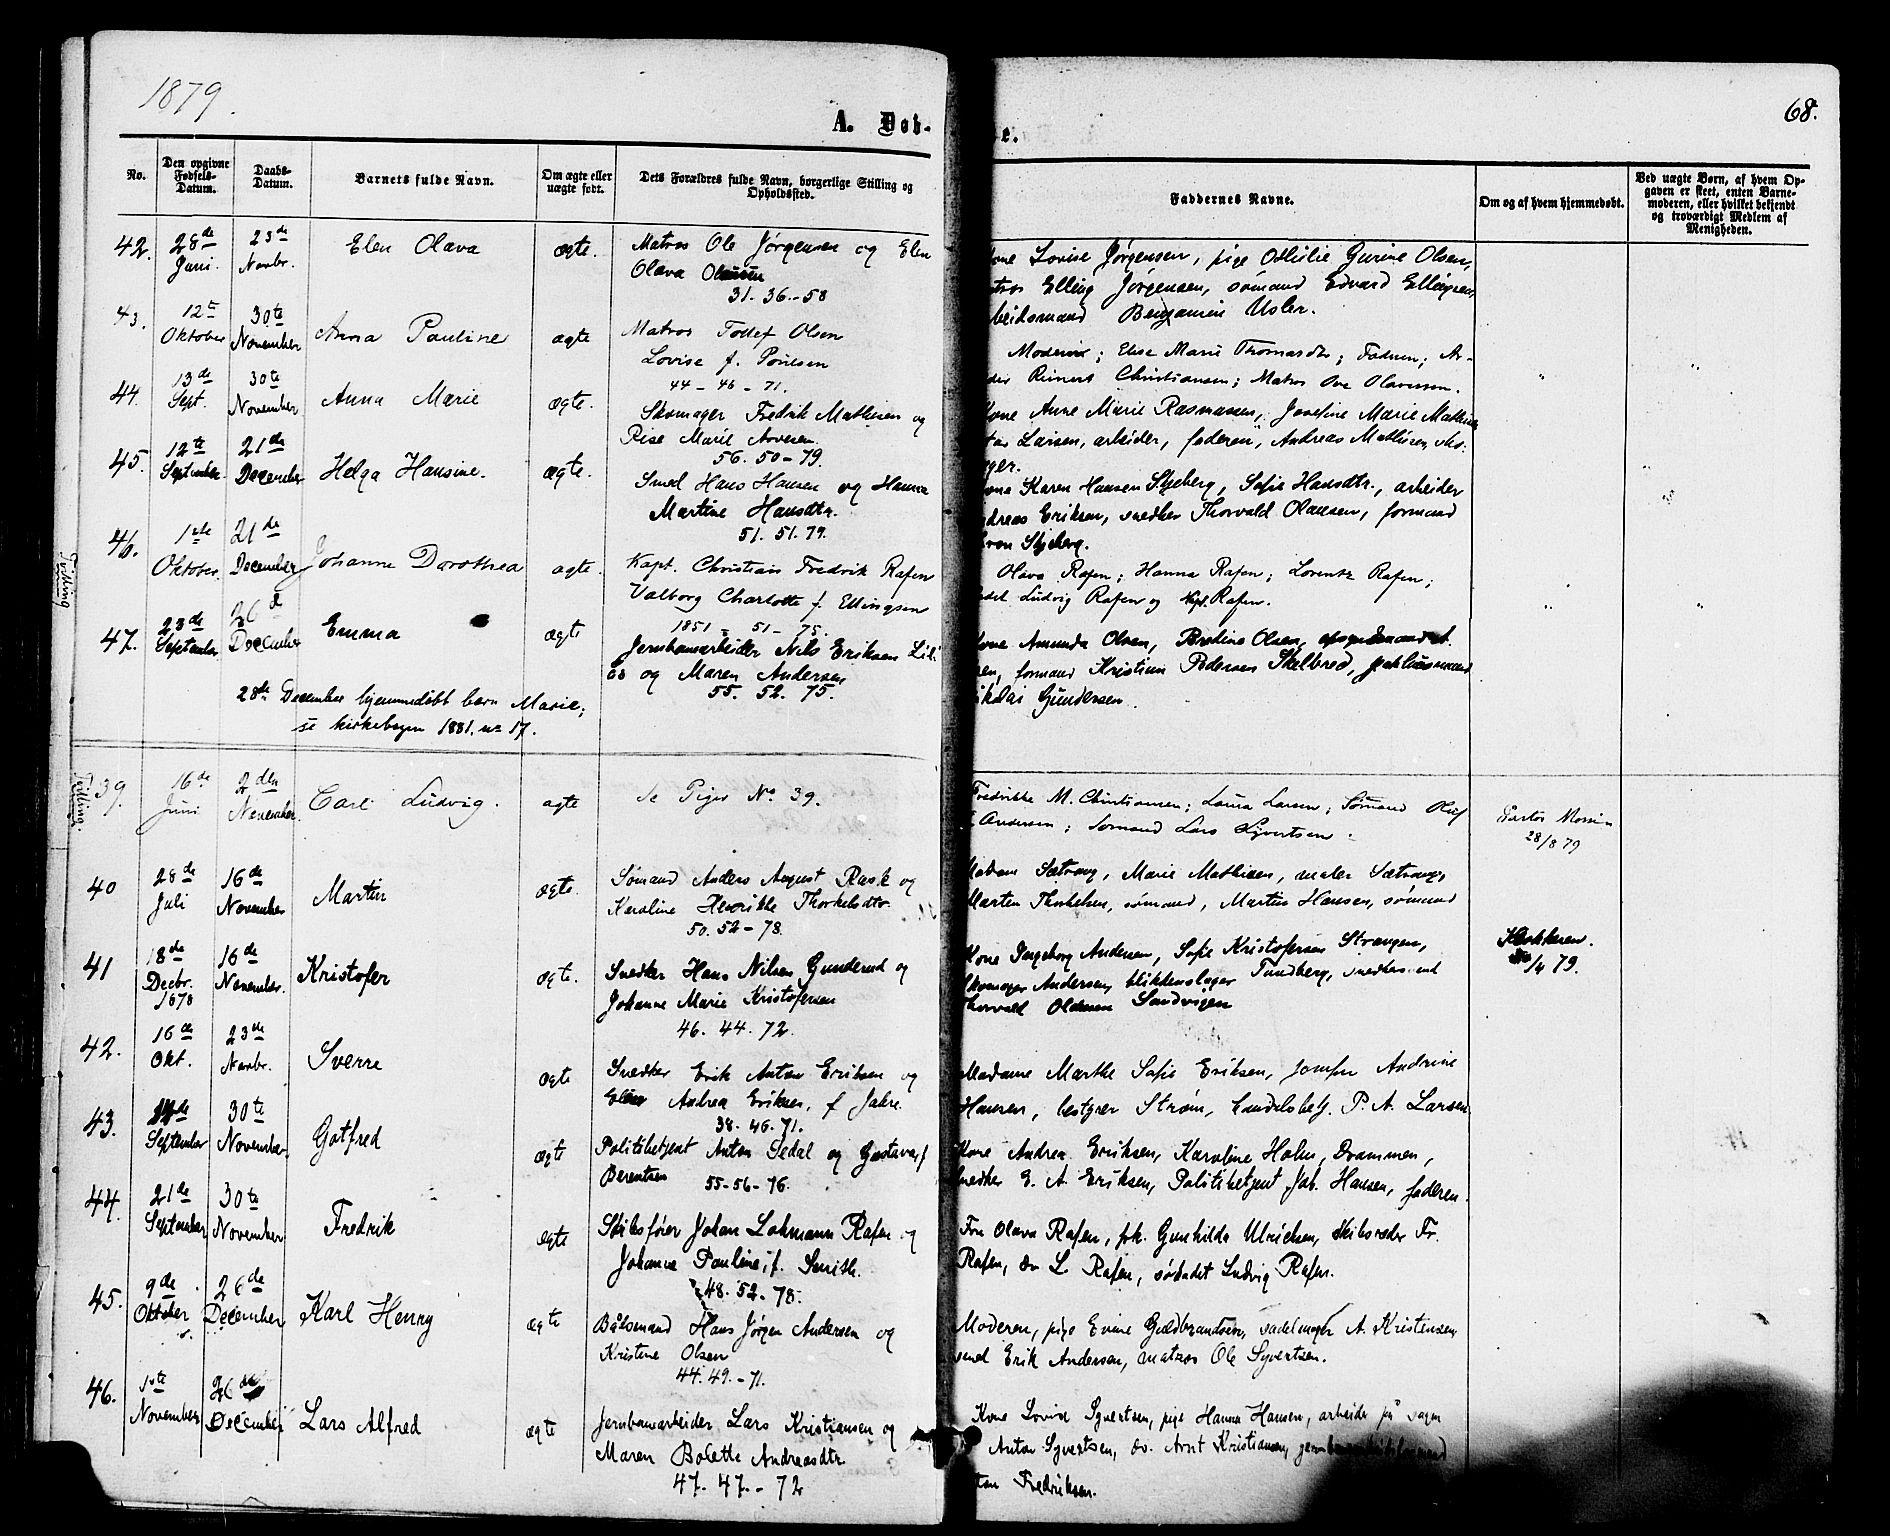 SAKO, Holmestrand kirkebøker, F/Fa/L0003: Ministerialbok nr. 3, 1867-1879, s. 68